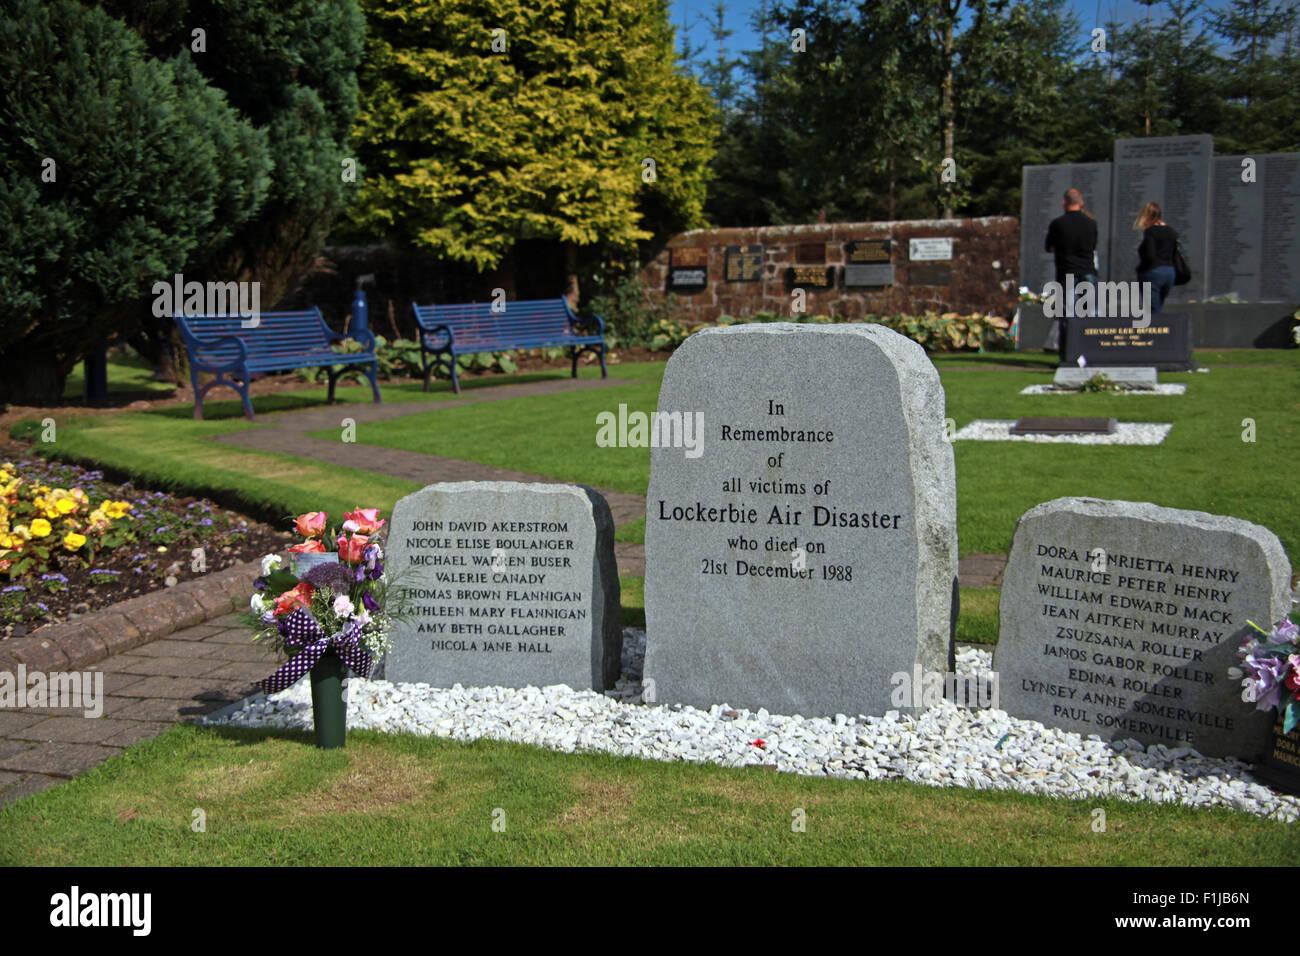 Lockerbie PanAm103 In Rememberance Memorial two Visitors Remembering, Scotland Stock Photo